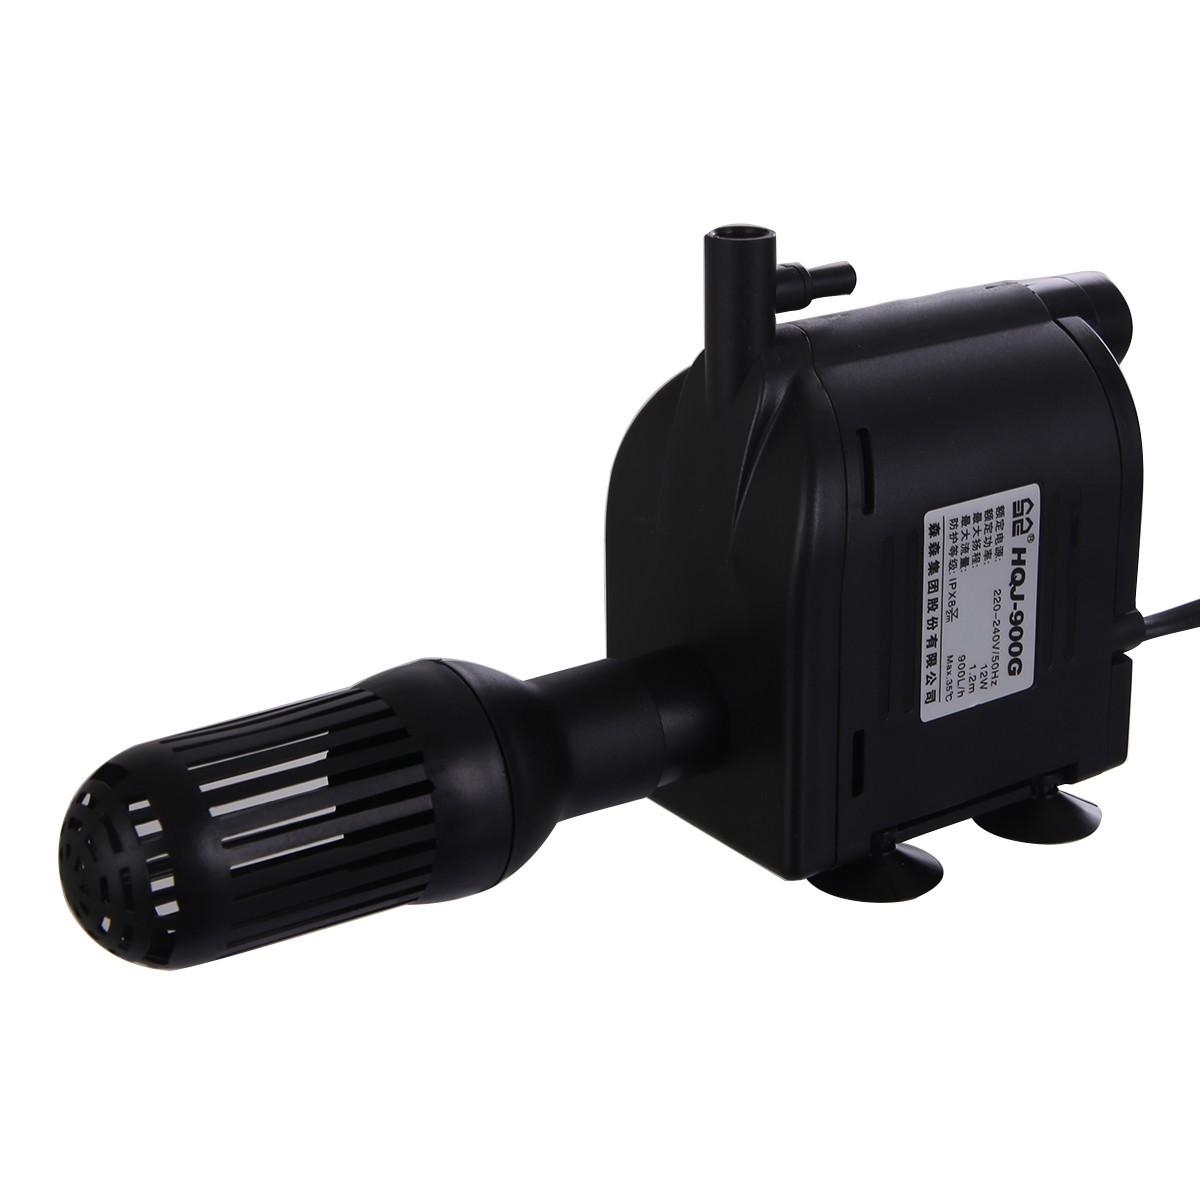 森森 多功能潜水泵HQJ-900G 过滤器12W